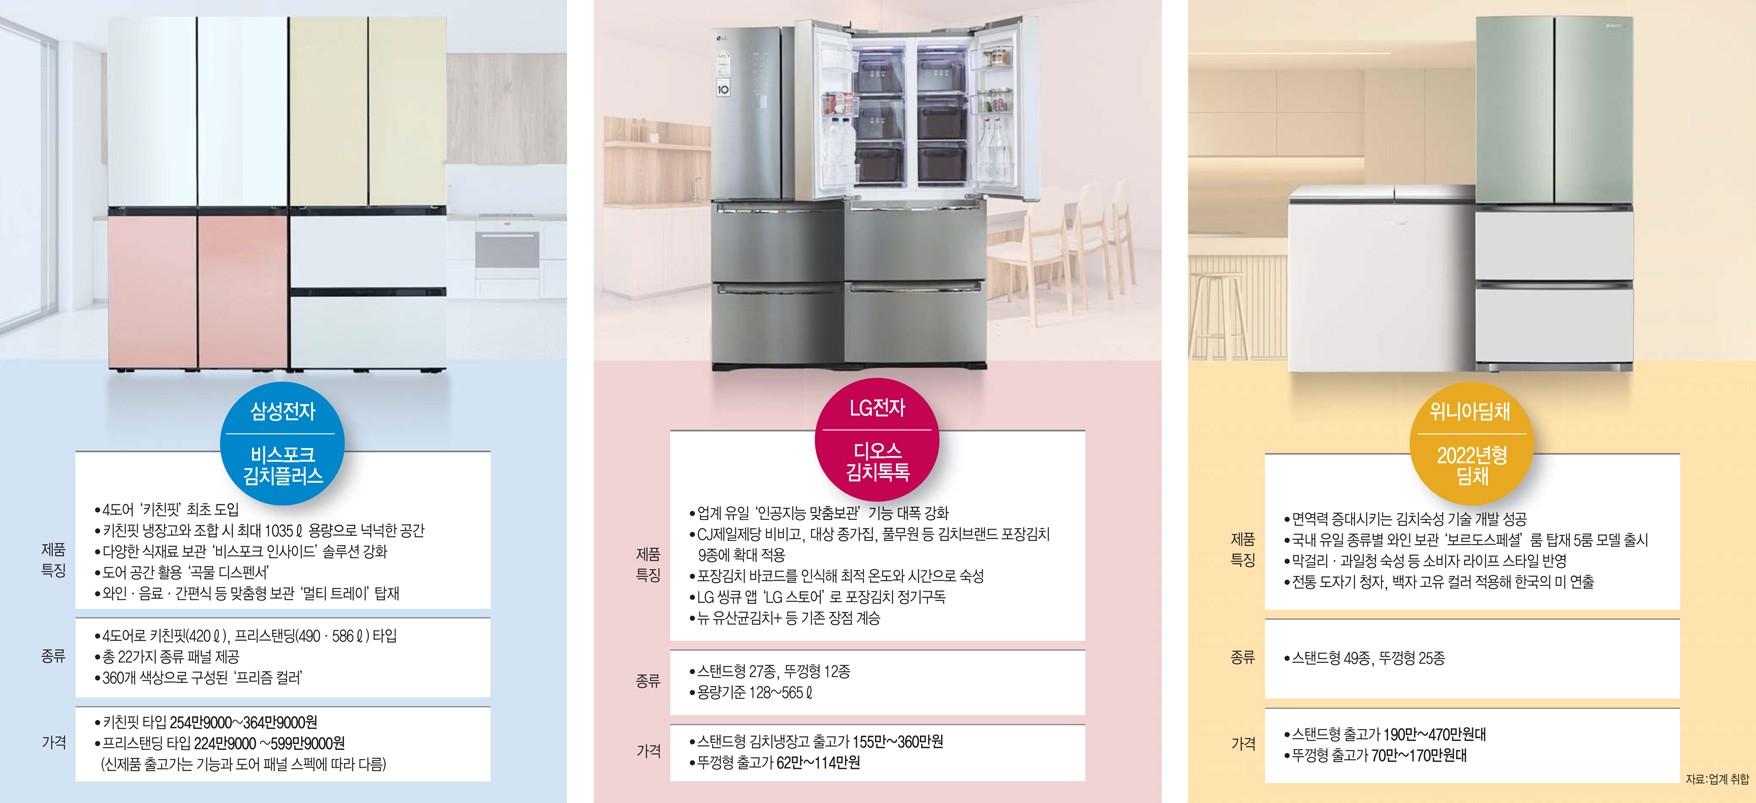 """[이슈분석] """"삼성 vs LG vs 딤채"""" 2021 김치냉장고 3파전 개막"""